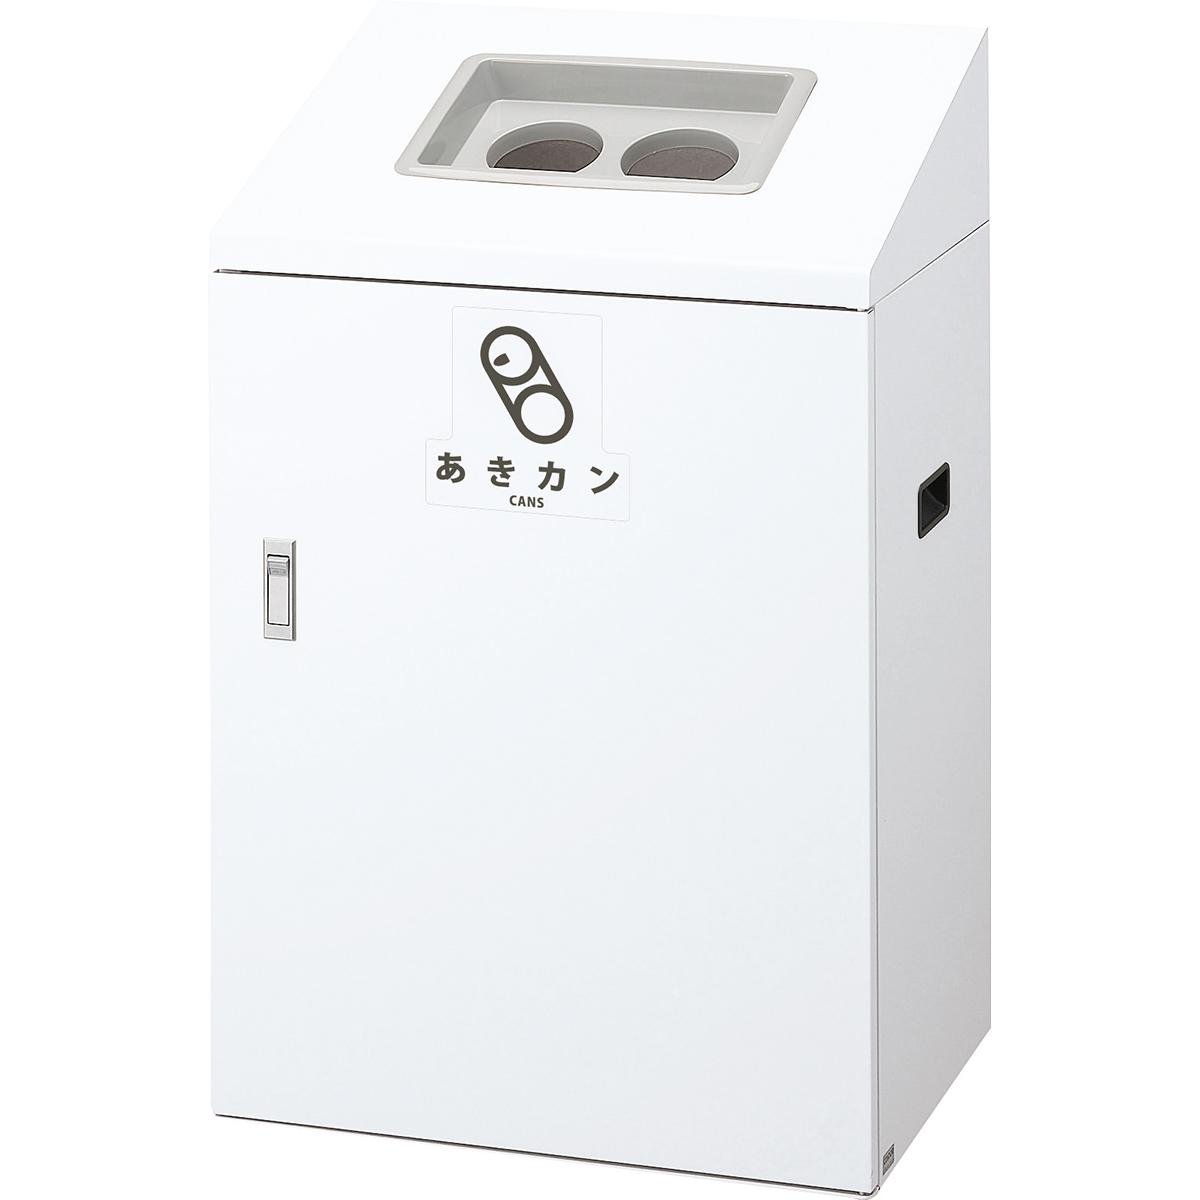 山崎産業 リサイクルボックス YI-90 90L あき缶/GR(灰) (代引不可) YW-439L-ID